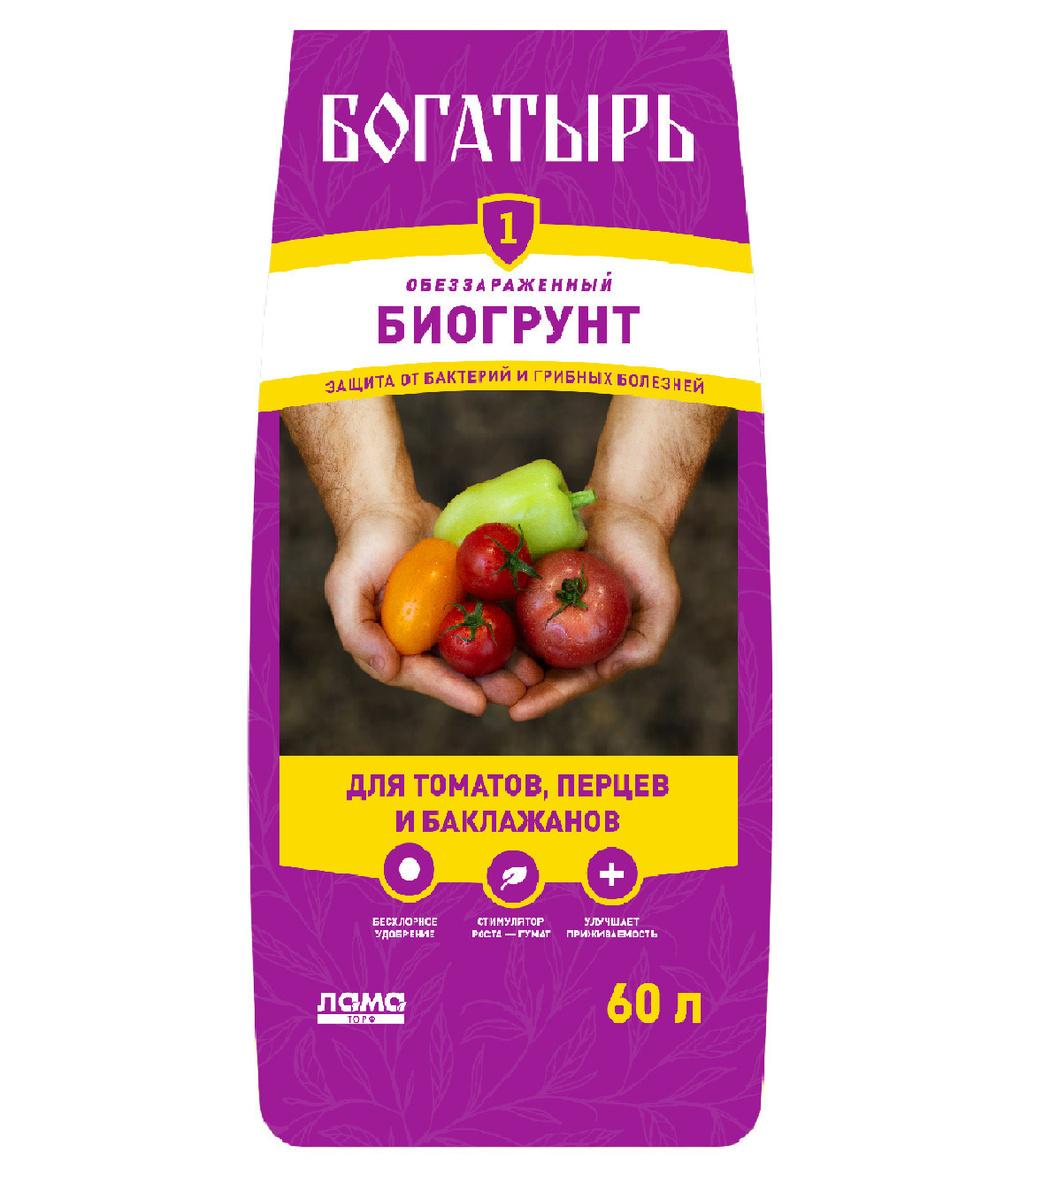 Грунт Богатырь 60л для томатов, перцев, баклажанов #1